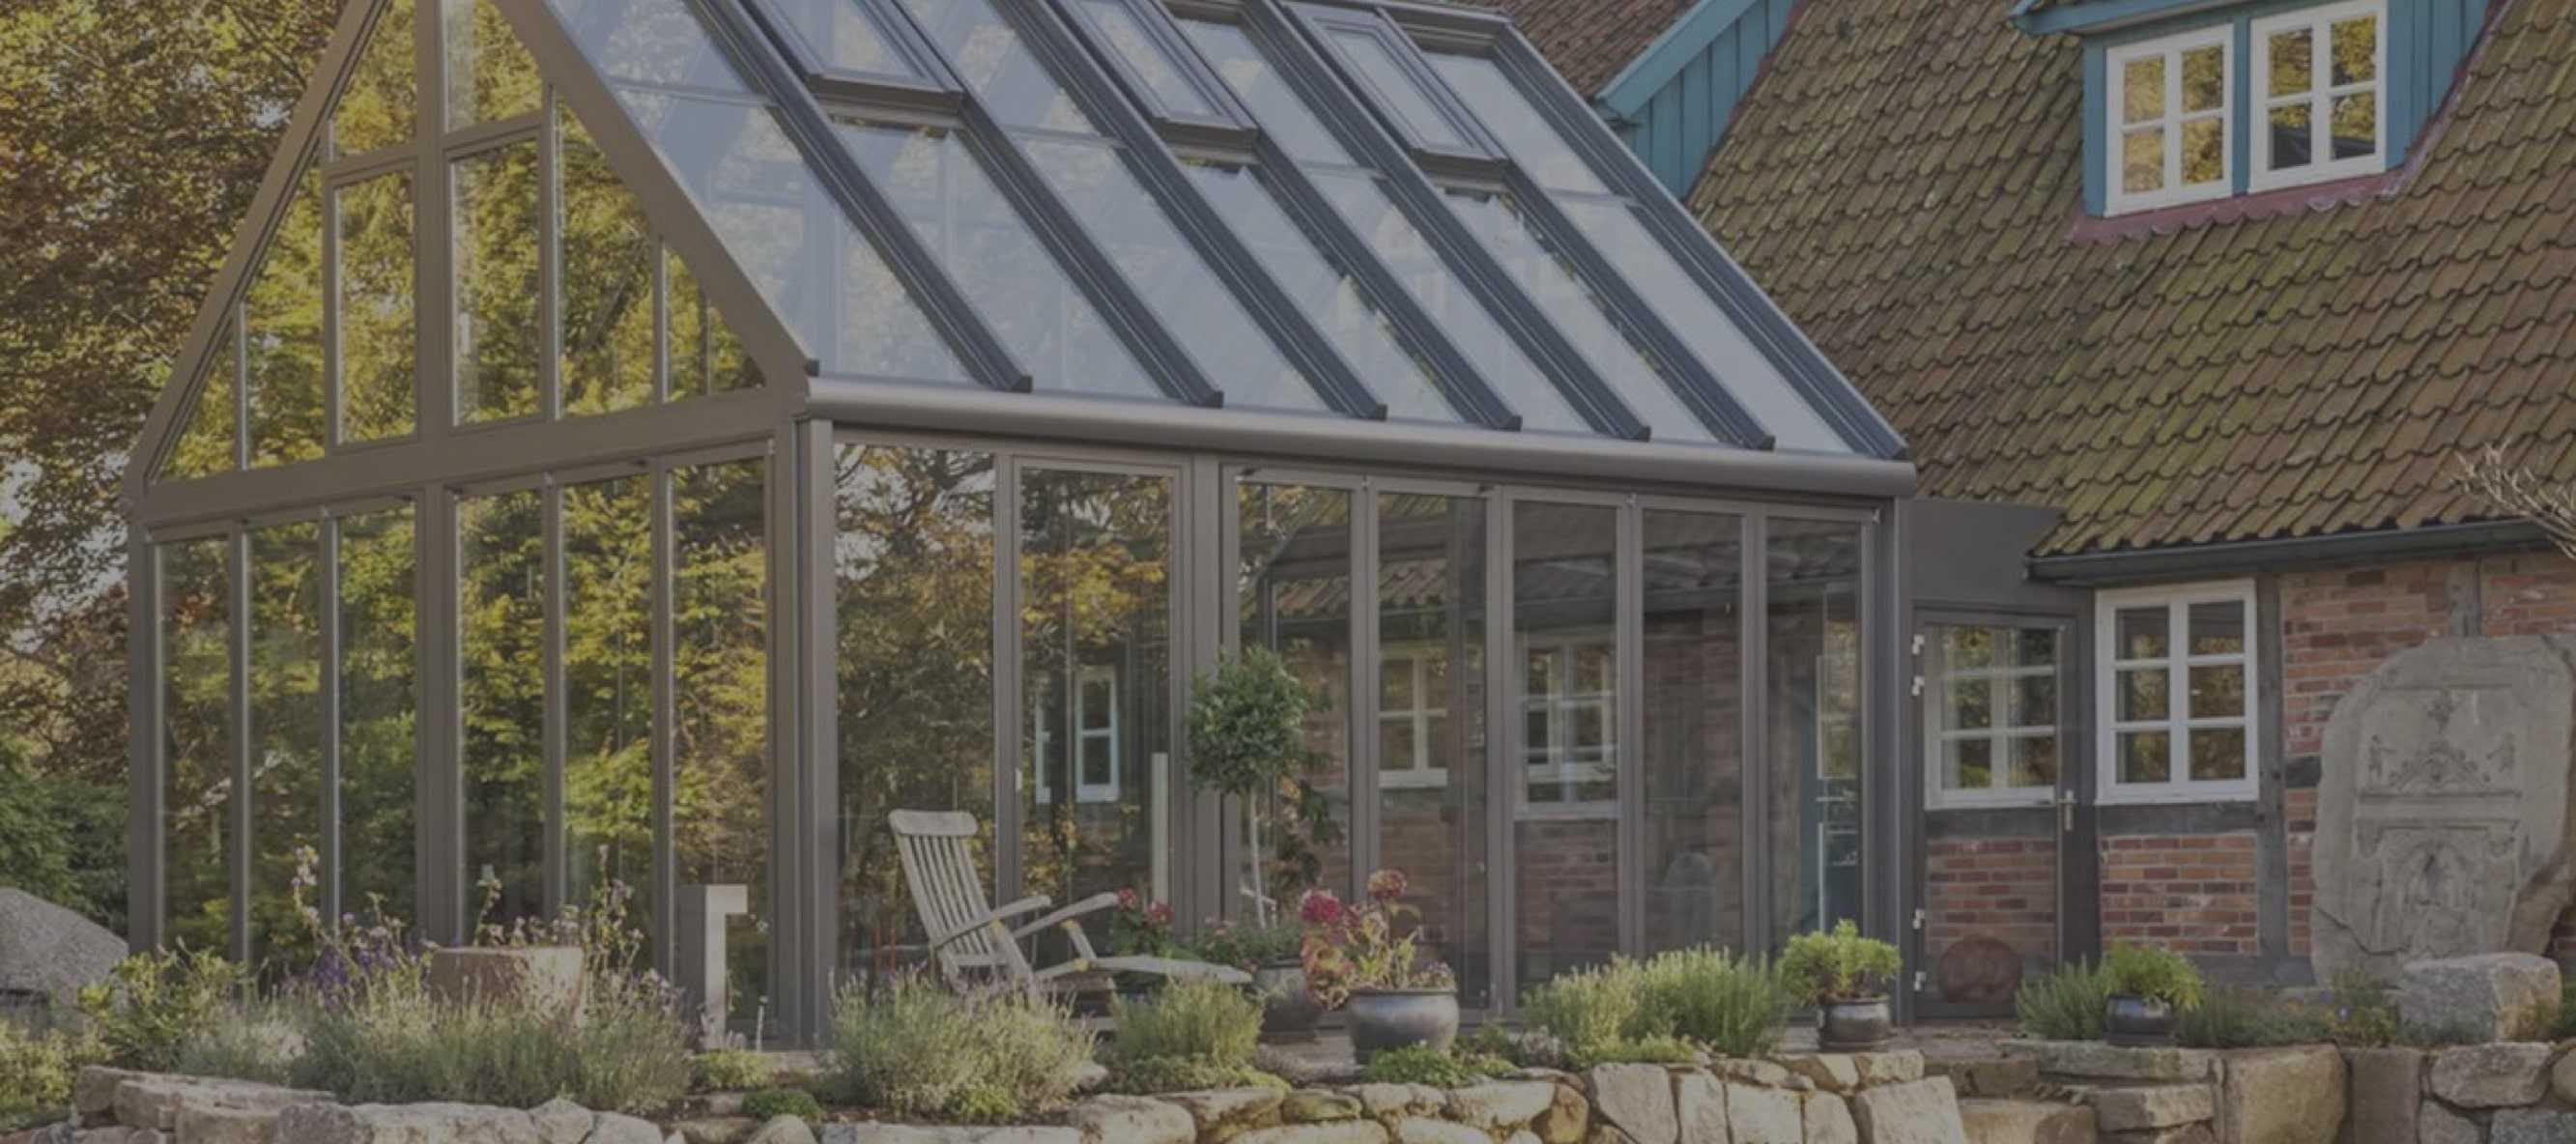 Jardines de invierno de solarlux cerramientos t27 for Modelos de jardines de invierno